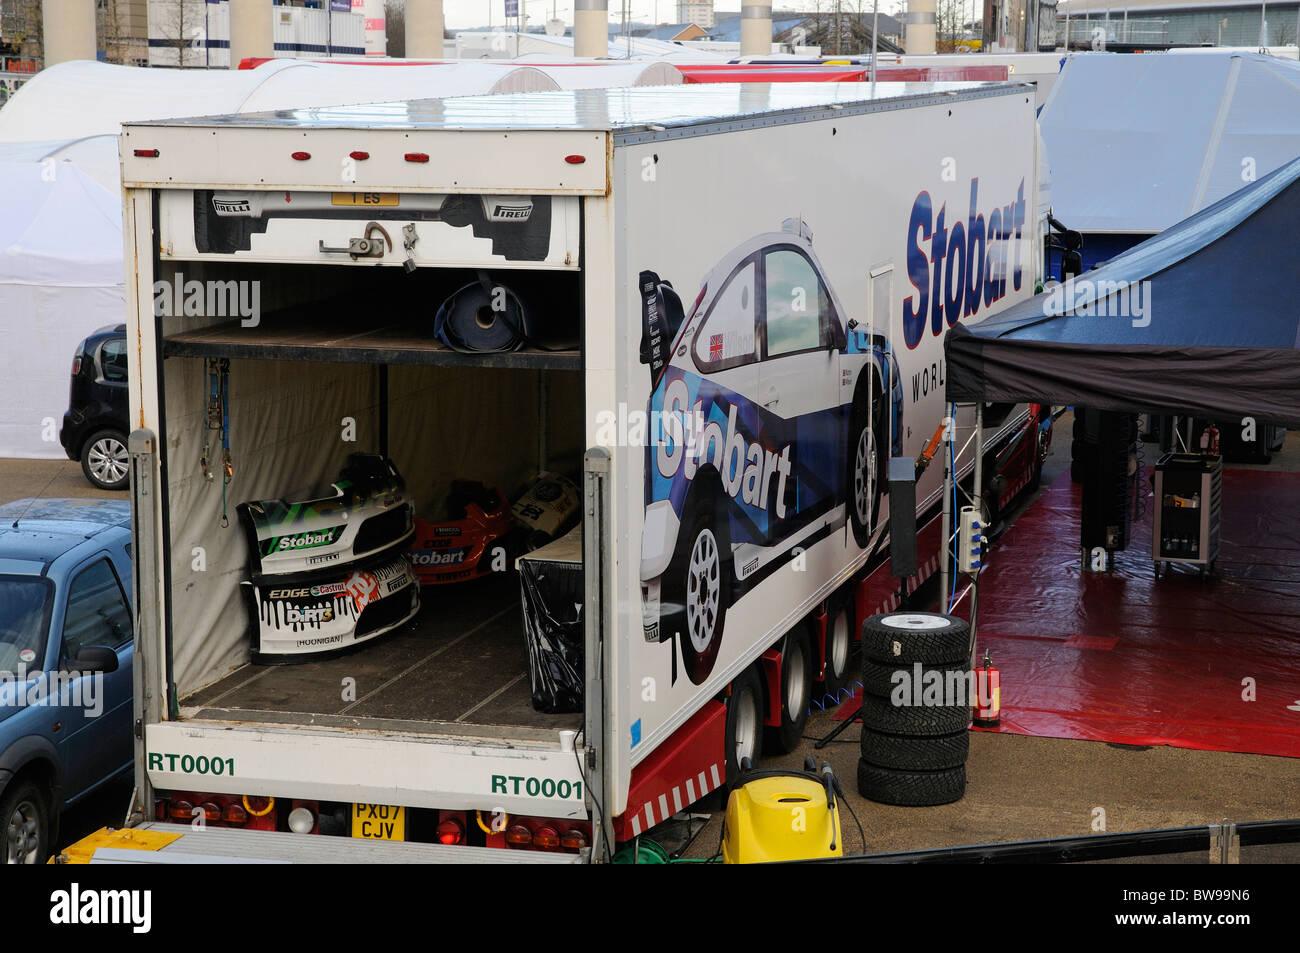 Stobart motor sport carrello con parti di macchina memorizzate internamente Immagini Stock